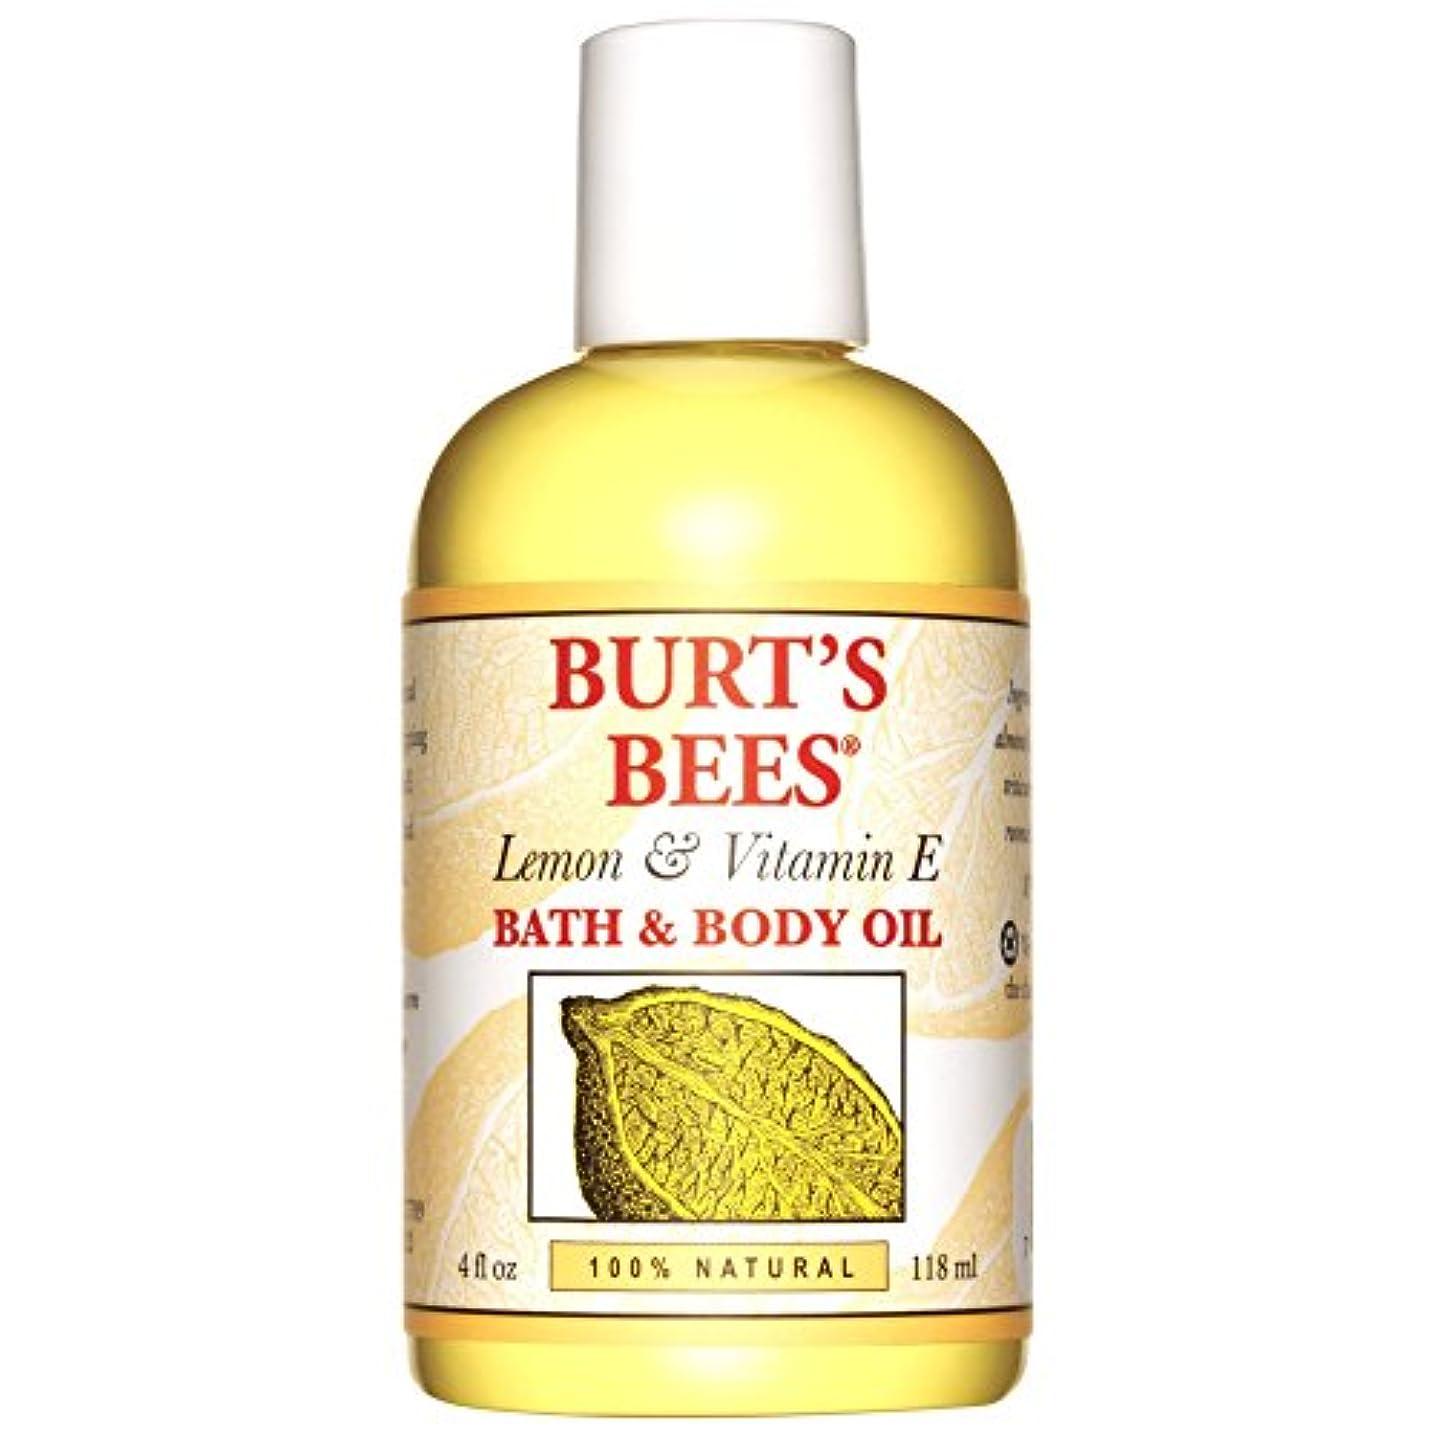 一時的担保ちょっと待ってバーツビーレモンとビタミンEバス、ボディオイル118ミリリットル (Burt's Bees) - Burt's Bees Lemon and Vitamin E Bath and Body Oil 118ml [並行輸入品]